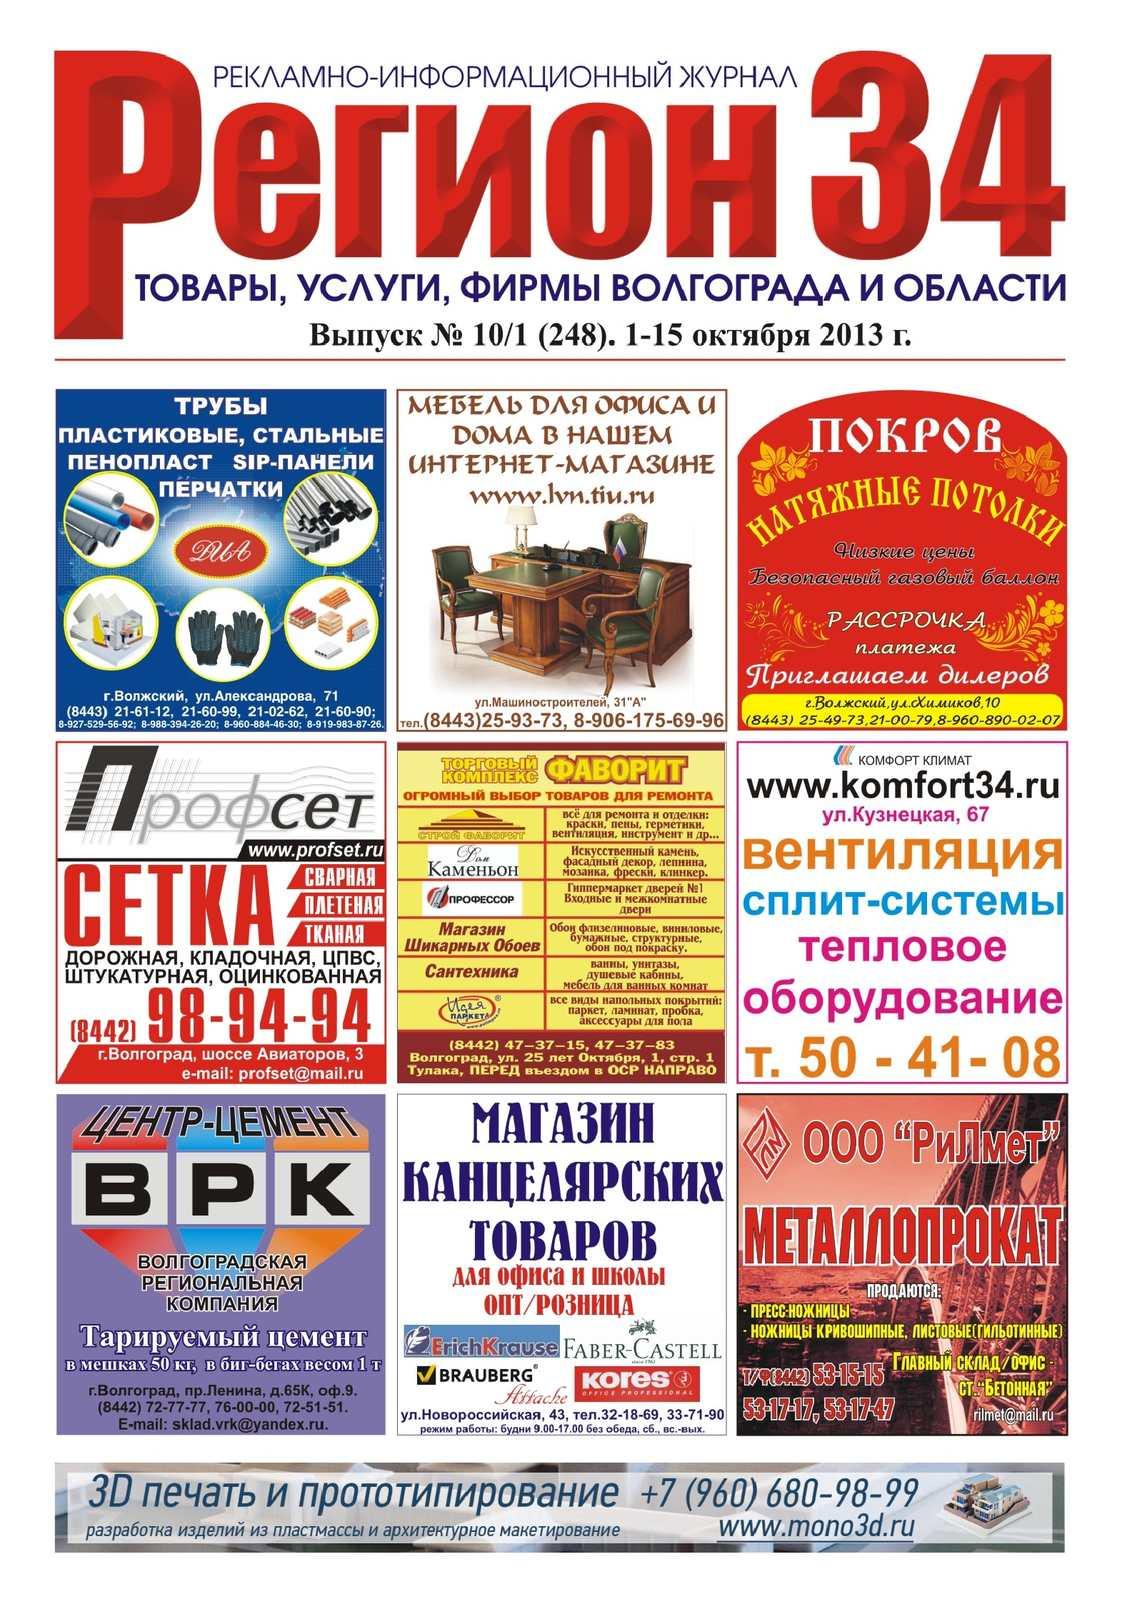 Пластинчатый теплообменник КС 13 Петрозаводск Кожухотрубный конденсатор ONDA C 51.306.2400 Самара